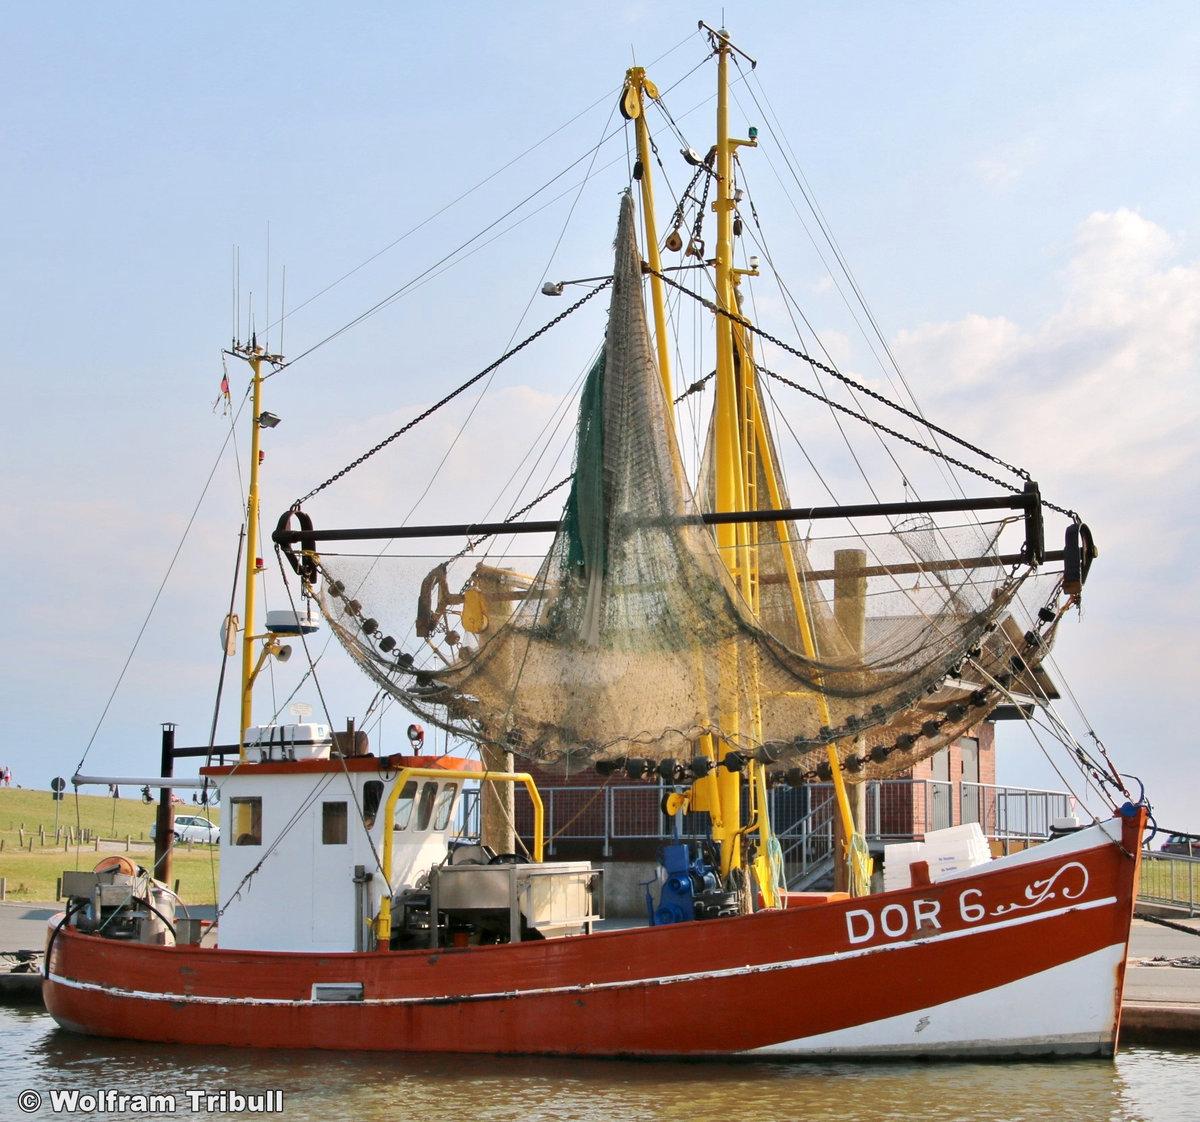 DOR 6 HEIMATLAND aufgenommen am 17.07.2018 im Hafen von Dorum-Neufeld